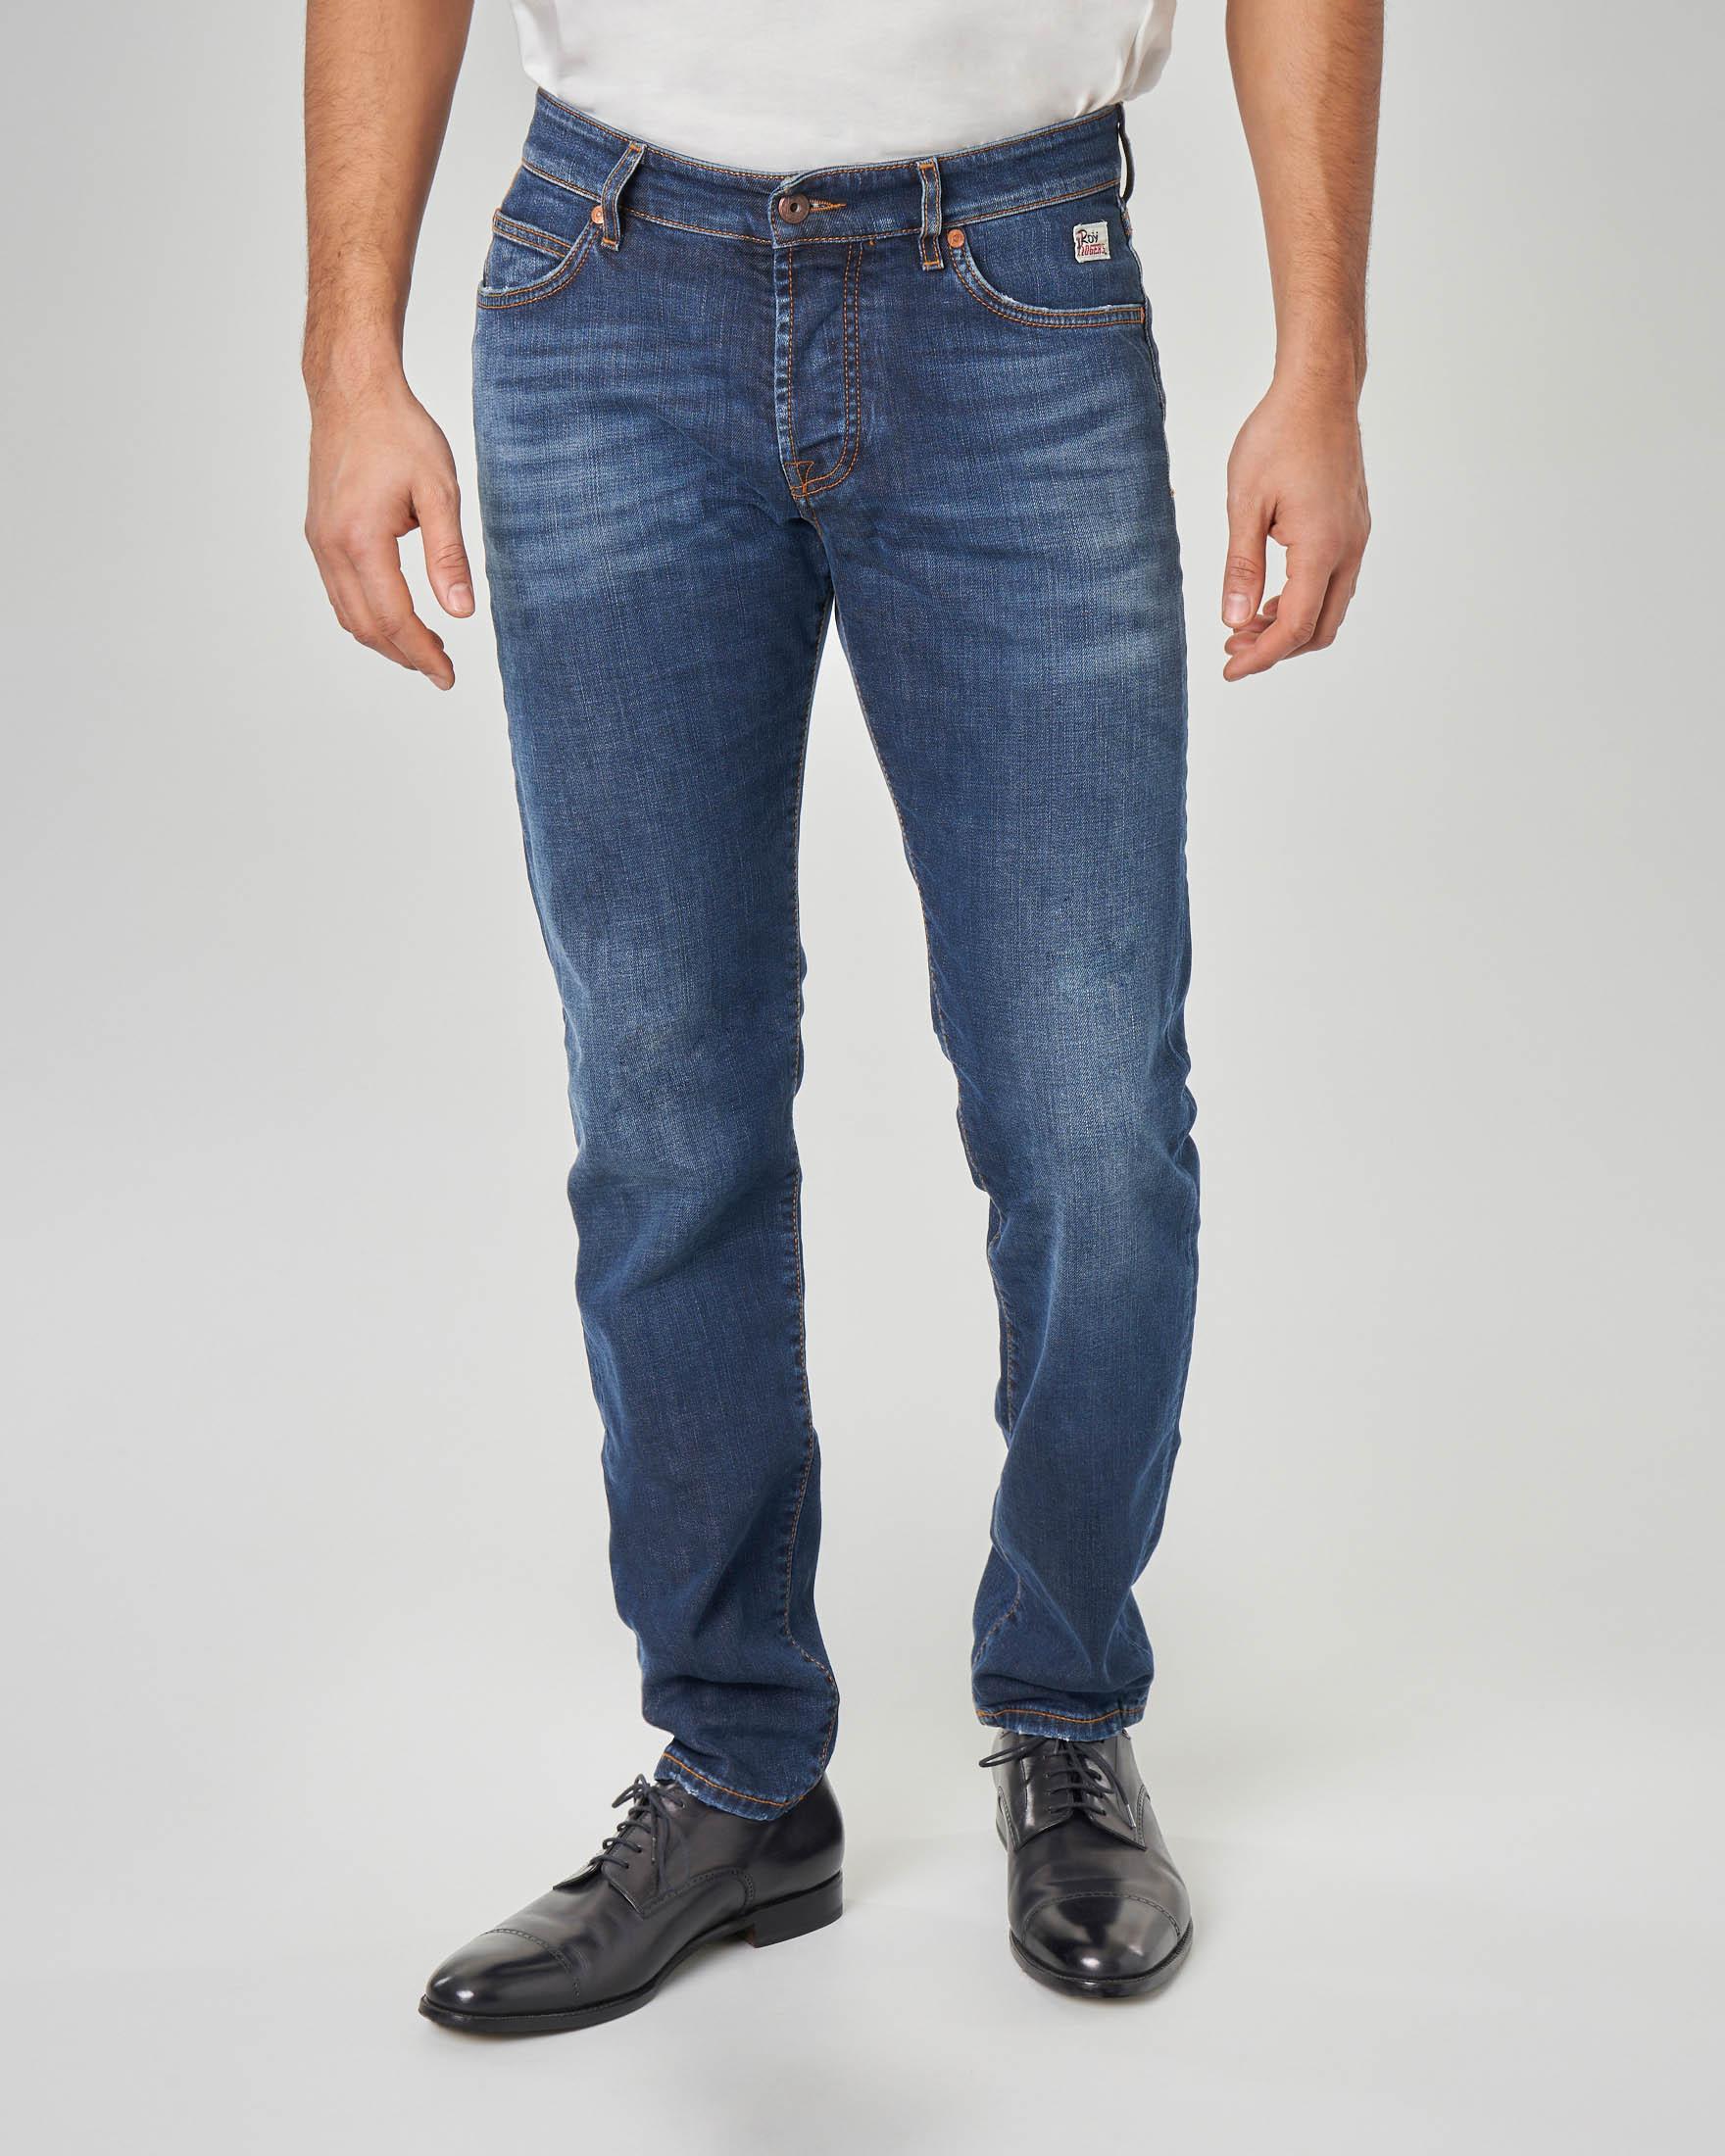 Jeans 529 lavaggio stone wash con micro-abrasioni sul retro